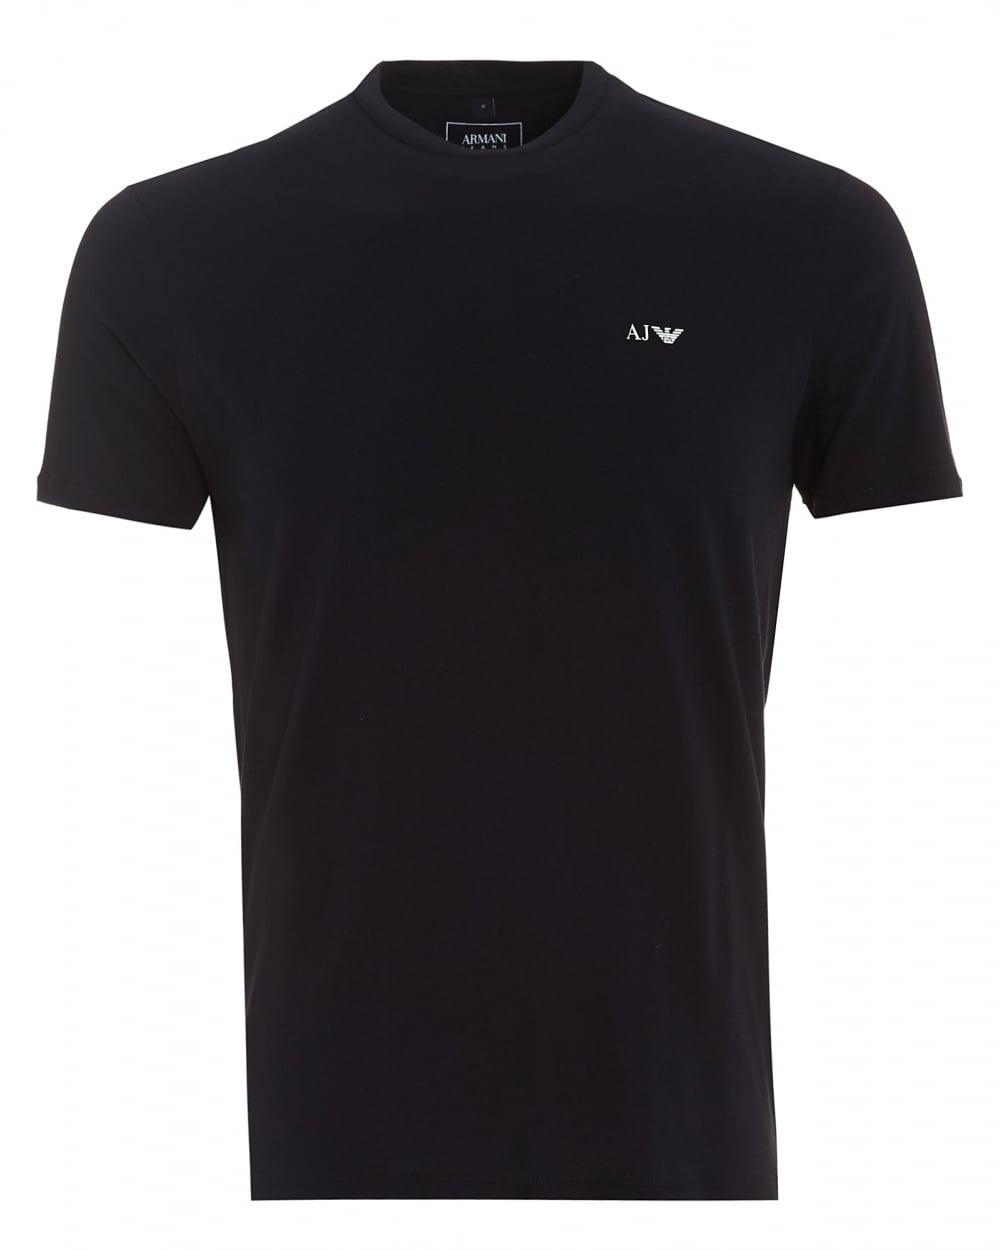 armani plain t shirt